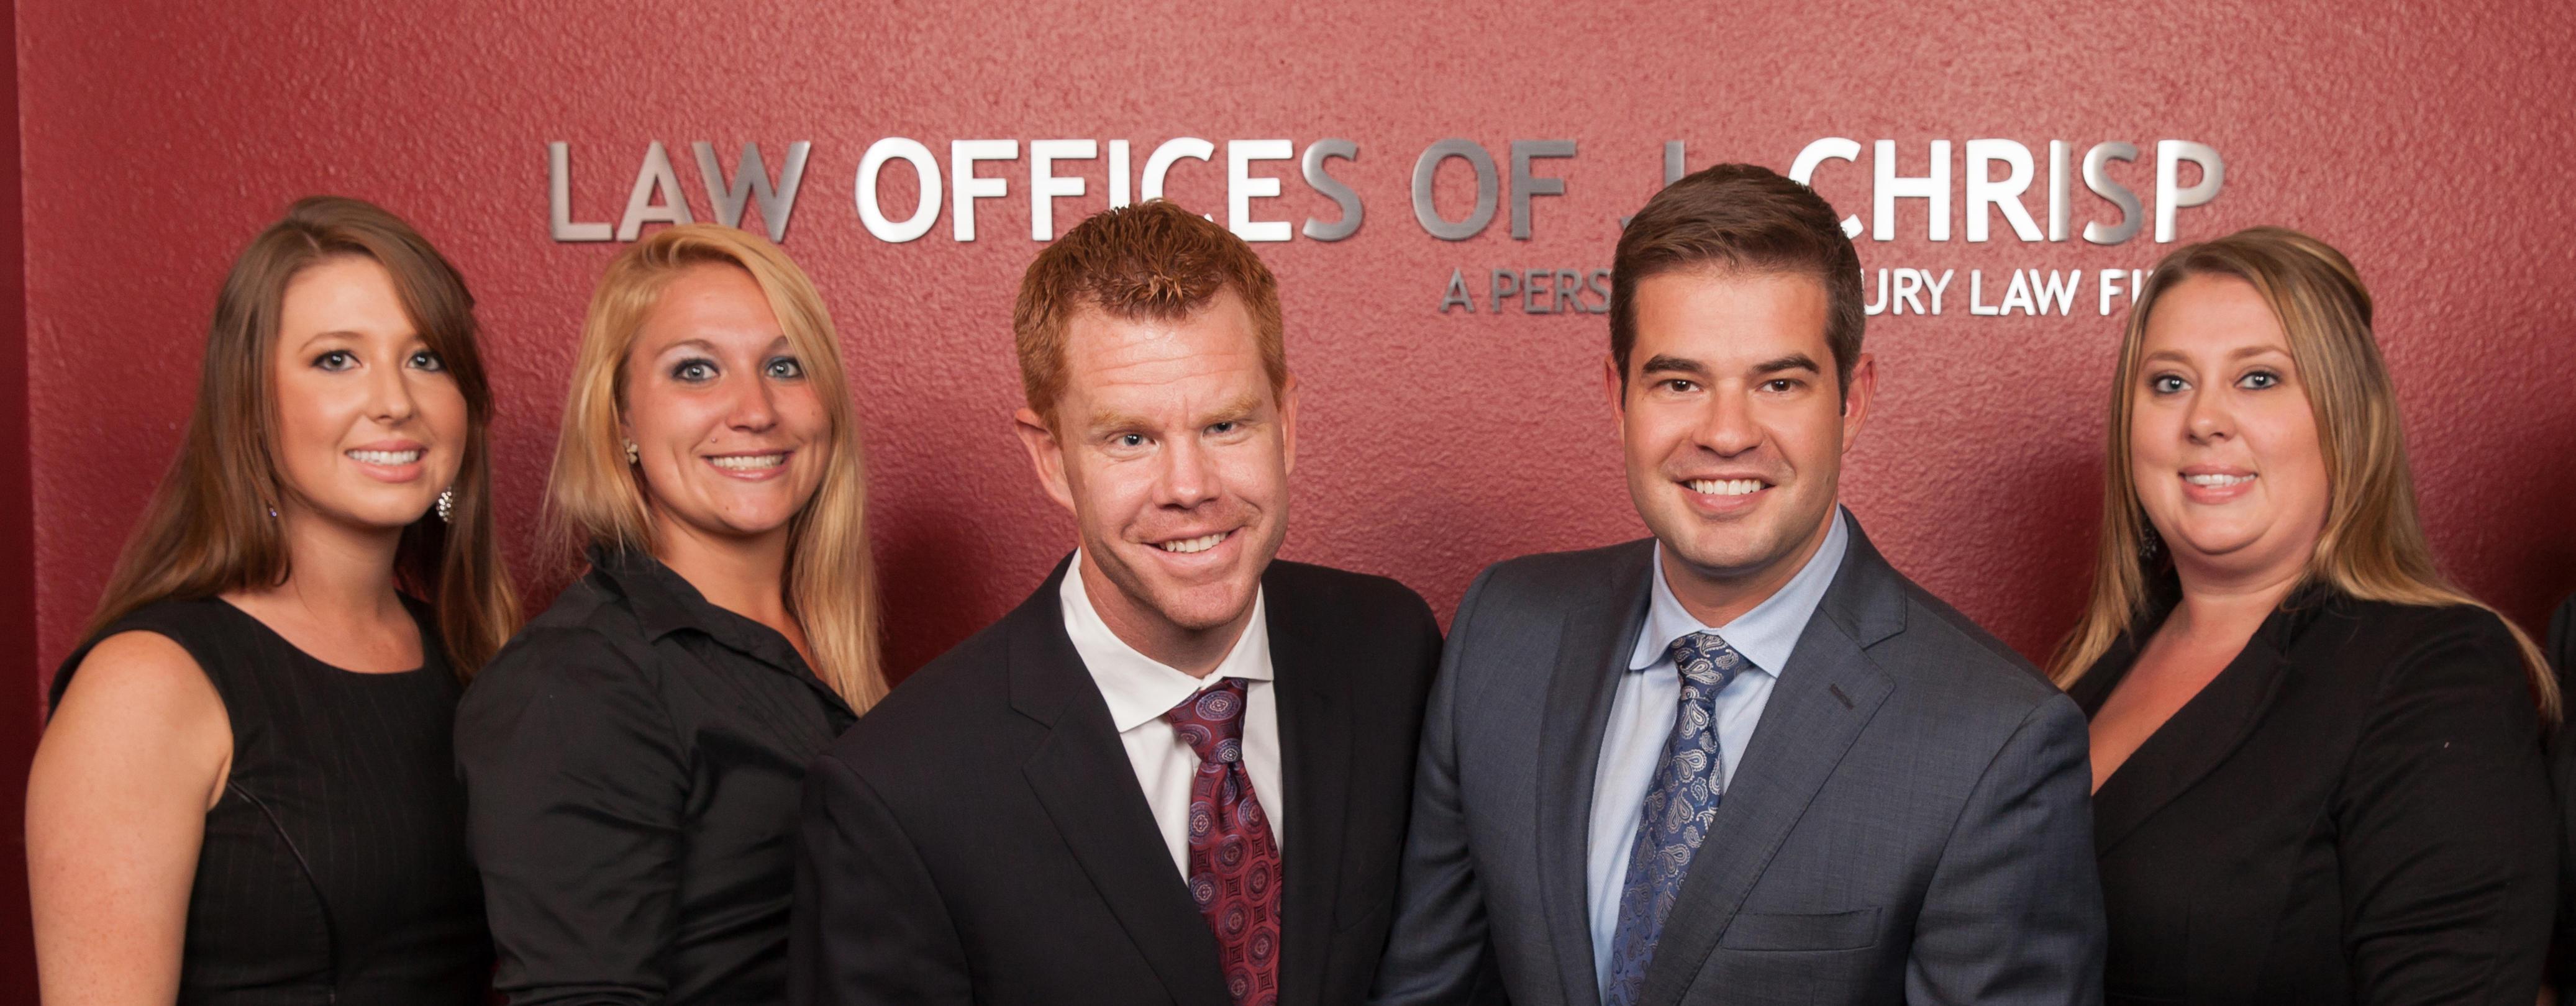 Law Offices of J.Chrisp image 1